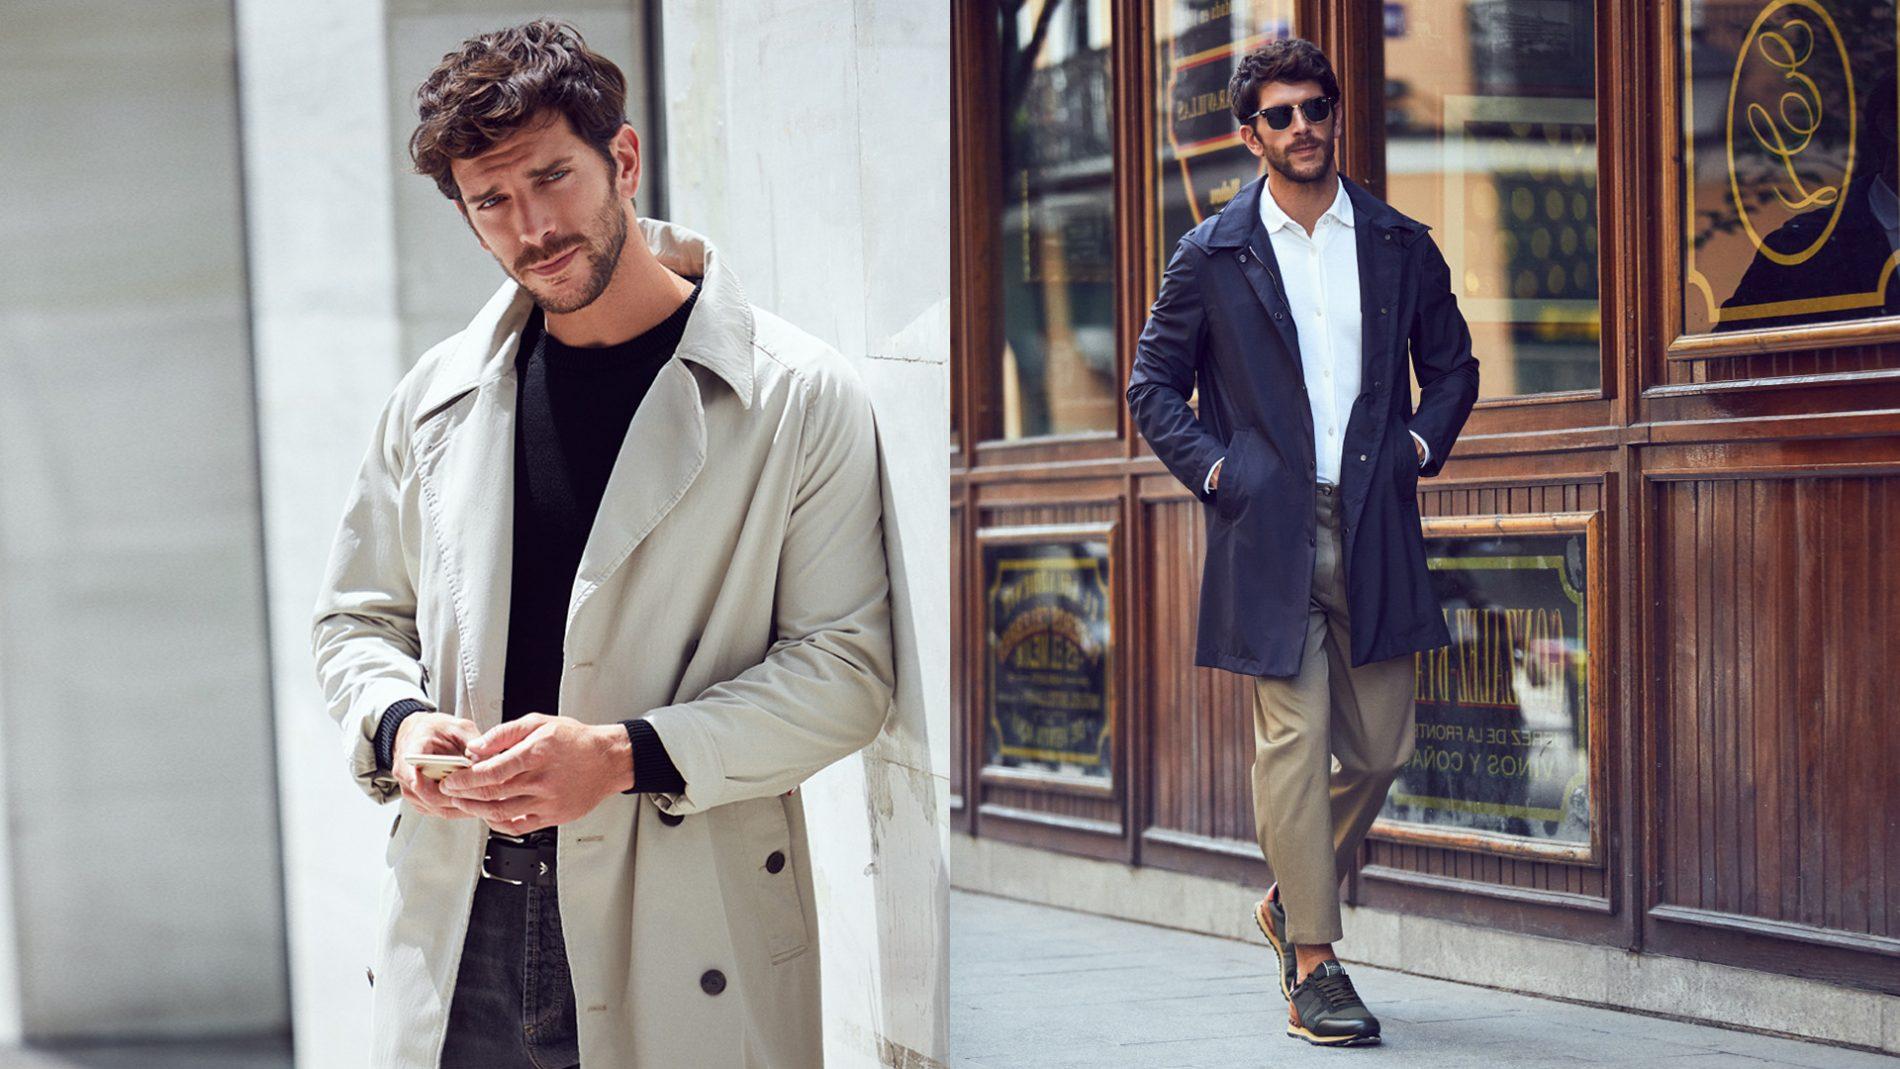 El Corte Inglés Designer Menswear Moncler Valentino Tom Ford Rayban Balenciaga Brunello Cucinelli Armani